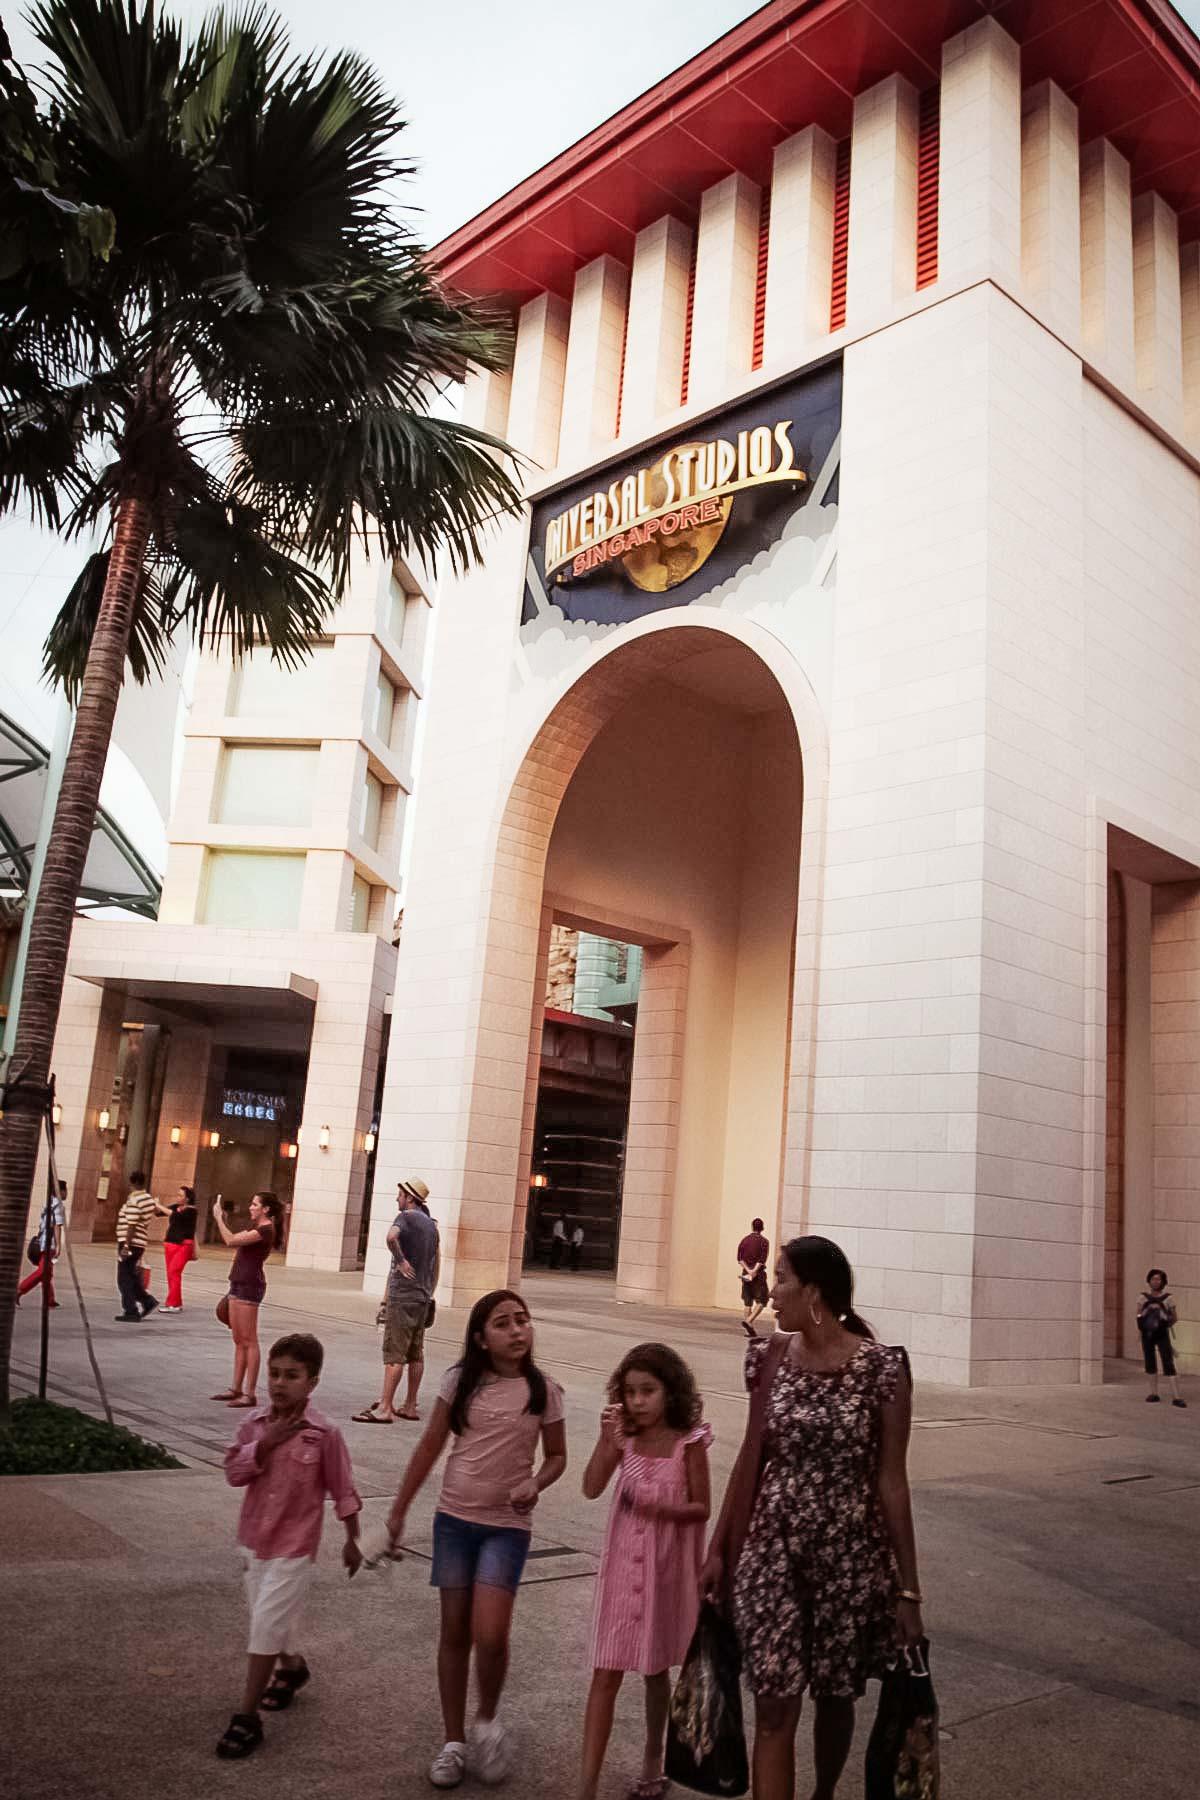 Вход в Юниверсал Студио на Сентозе